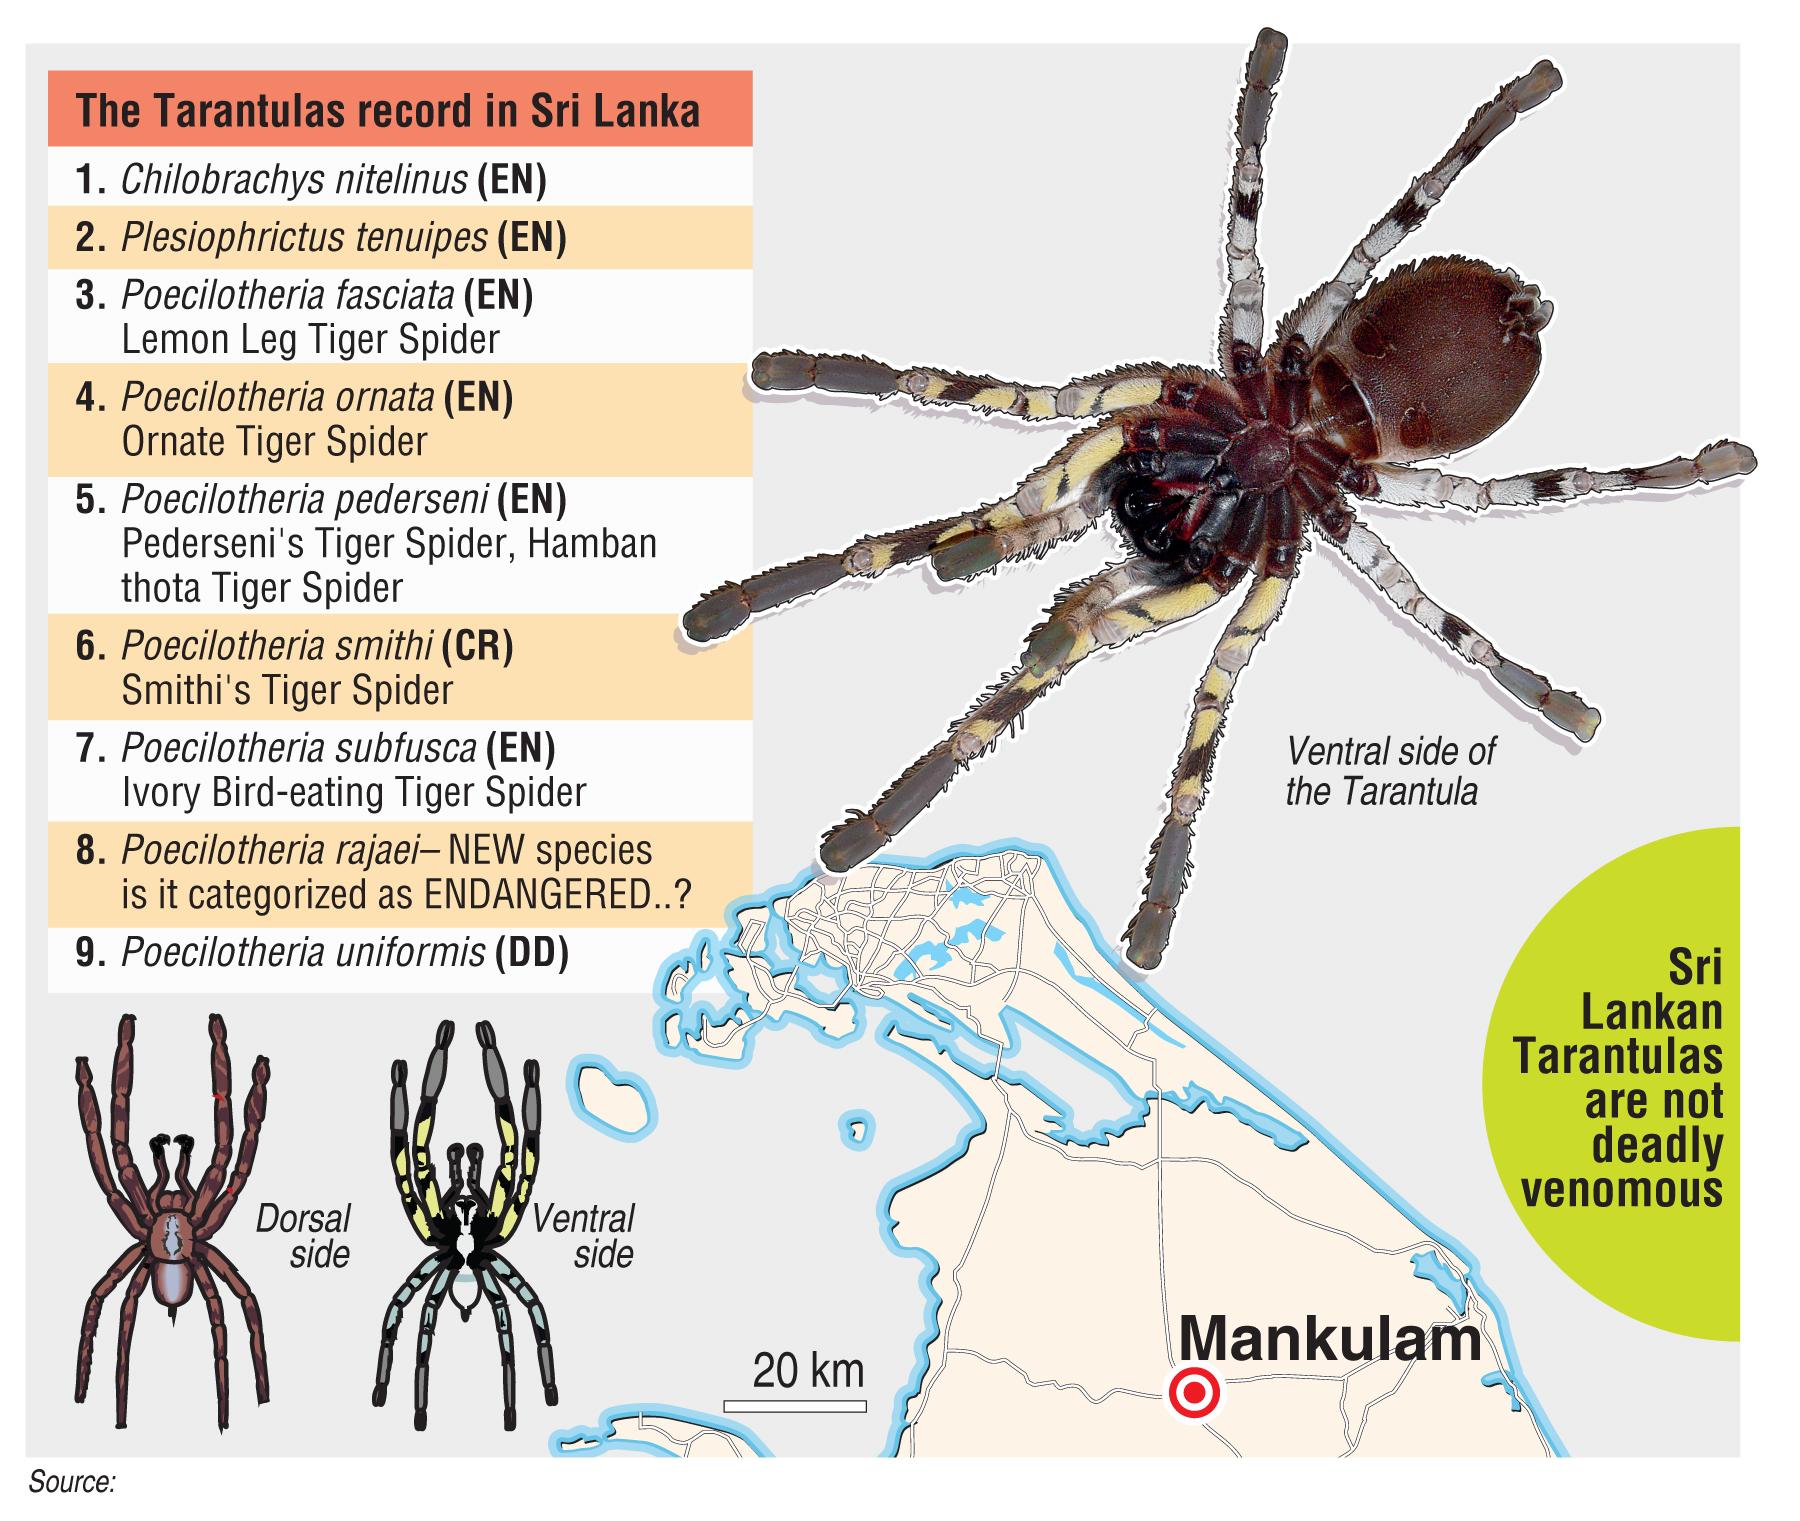 Pesticide Alternatives for Spiders and Tarantulas